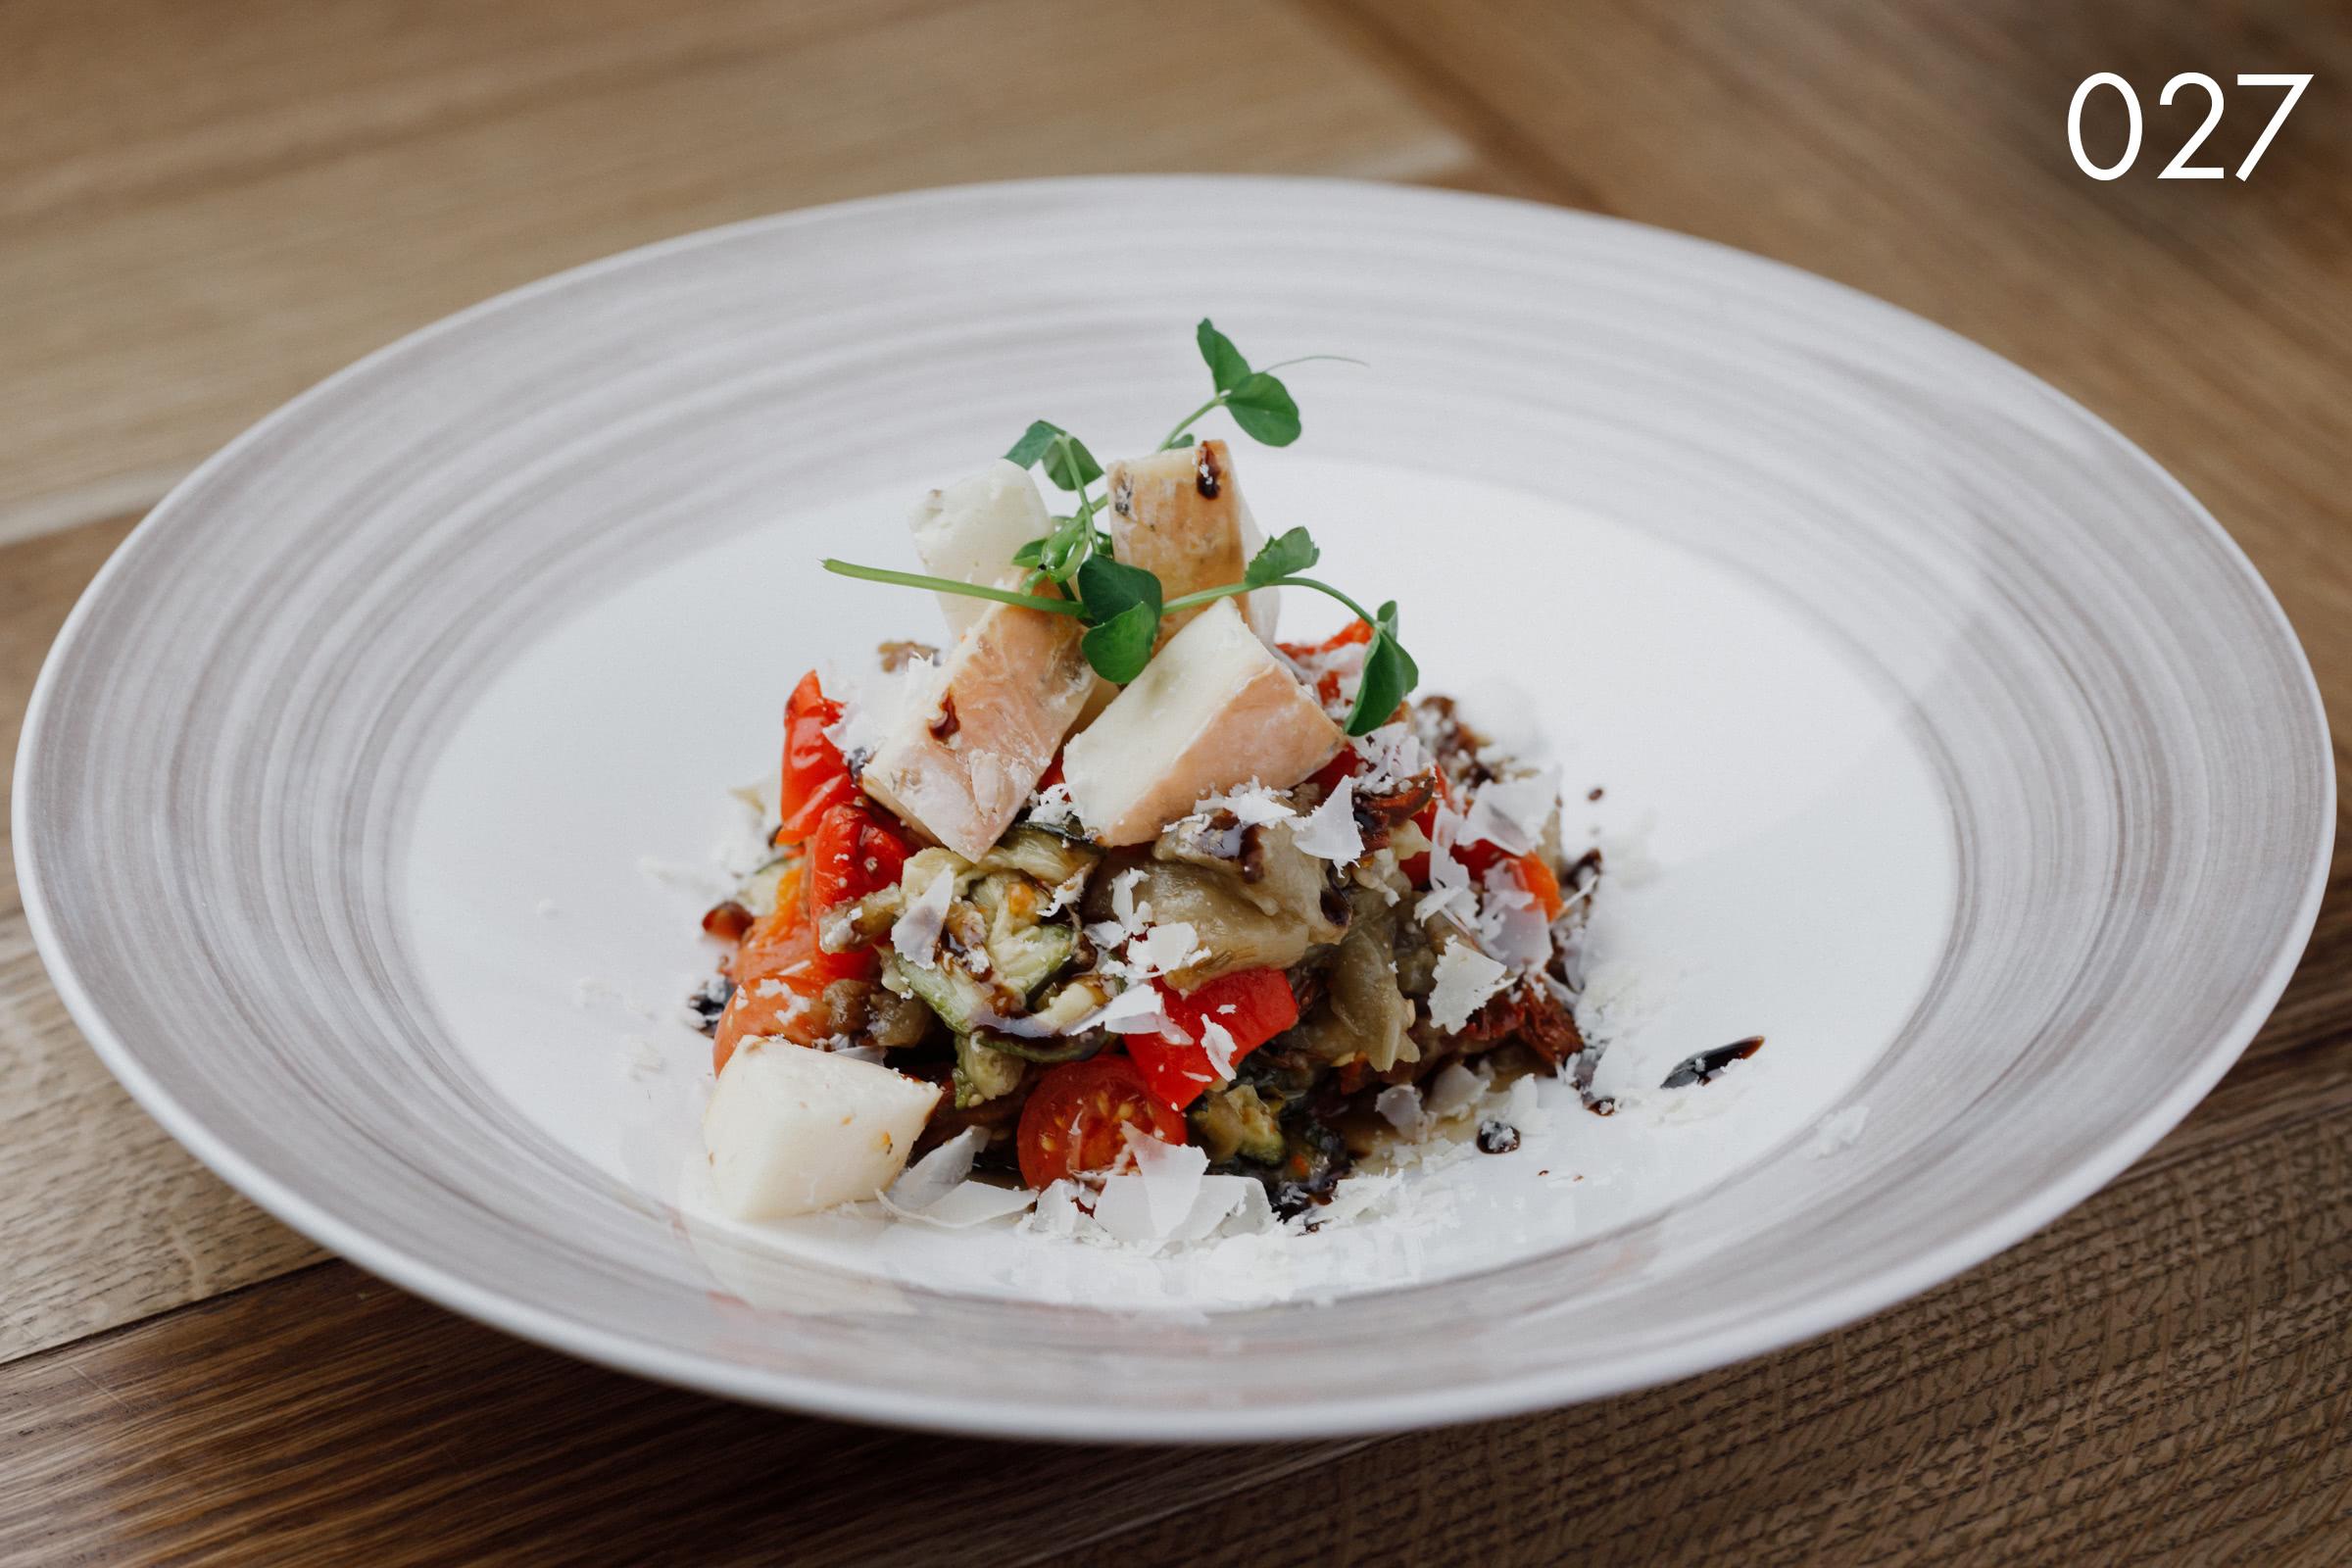 салат из запеченных на мангале овощей с сыром таледжио (теплый) в ресторане Веранда